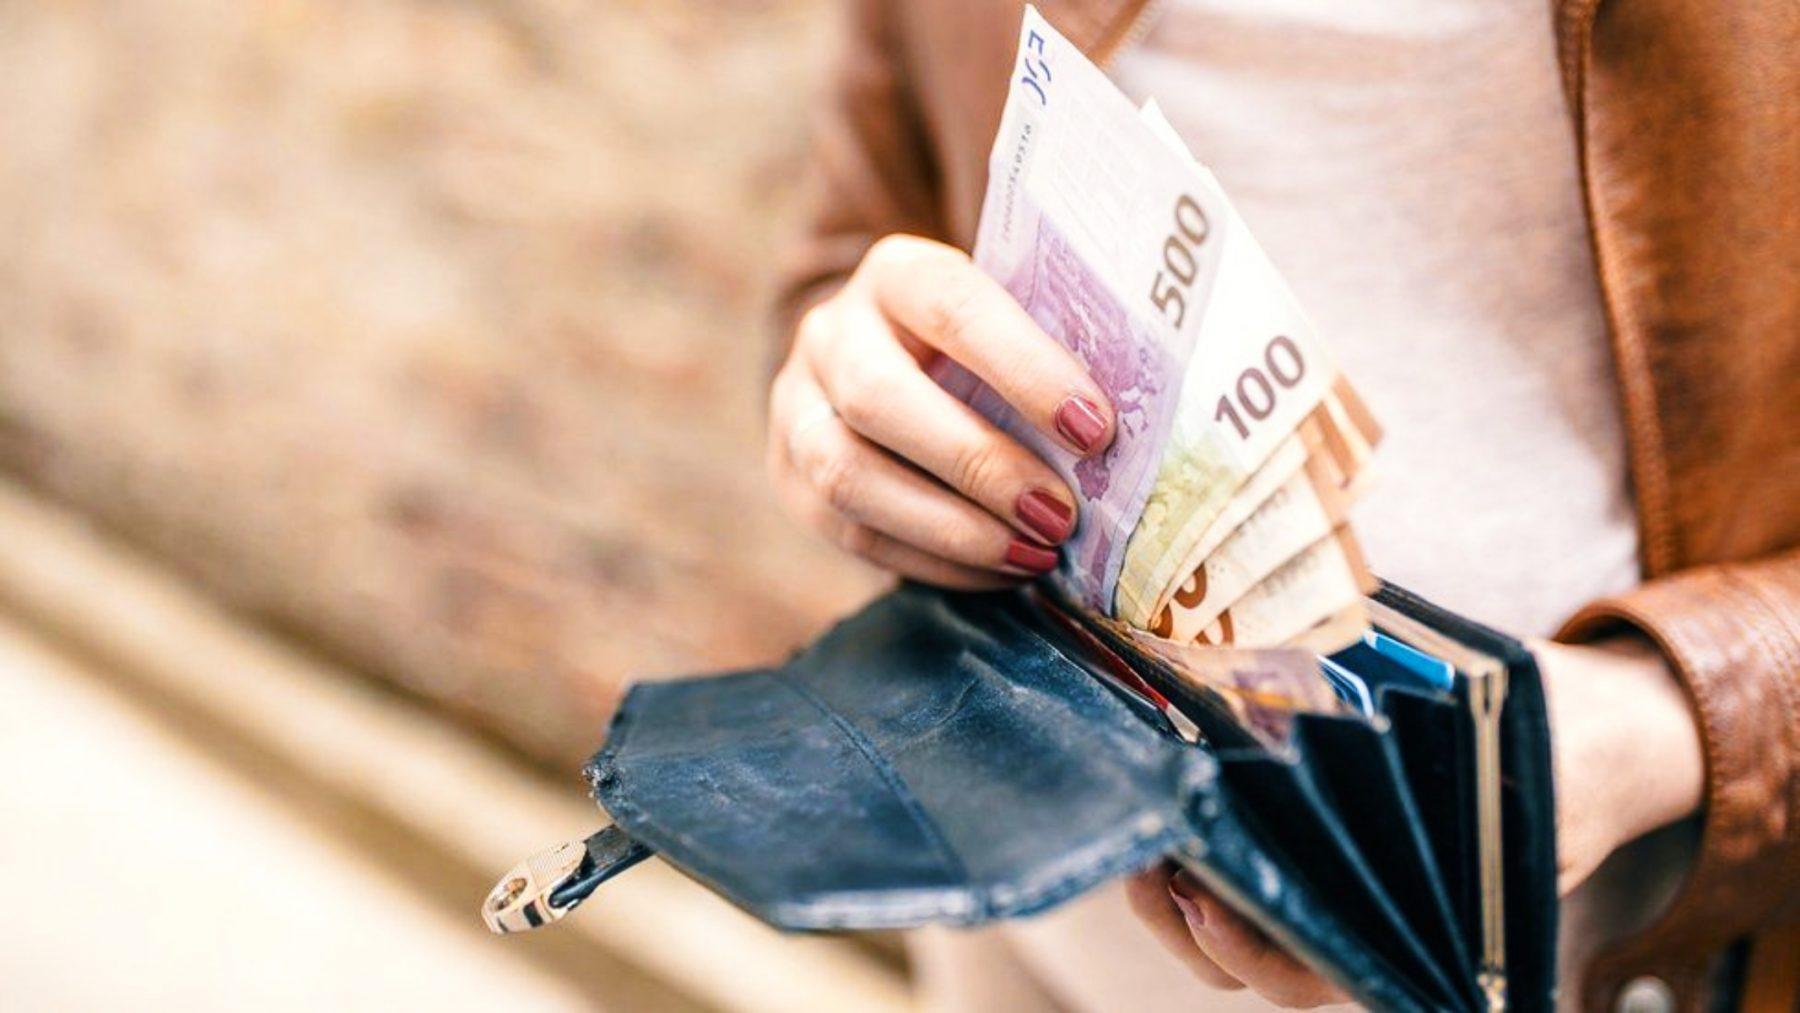 Φόροι: Επιστροφές έως και 1.930 ευρώ σε πάνω από ένα εκατομμύριο εργαζομένους